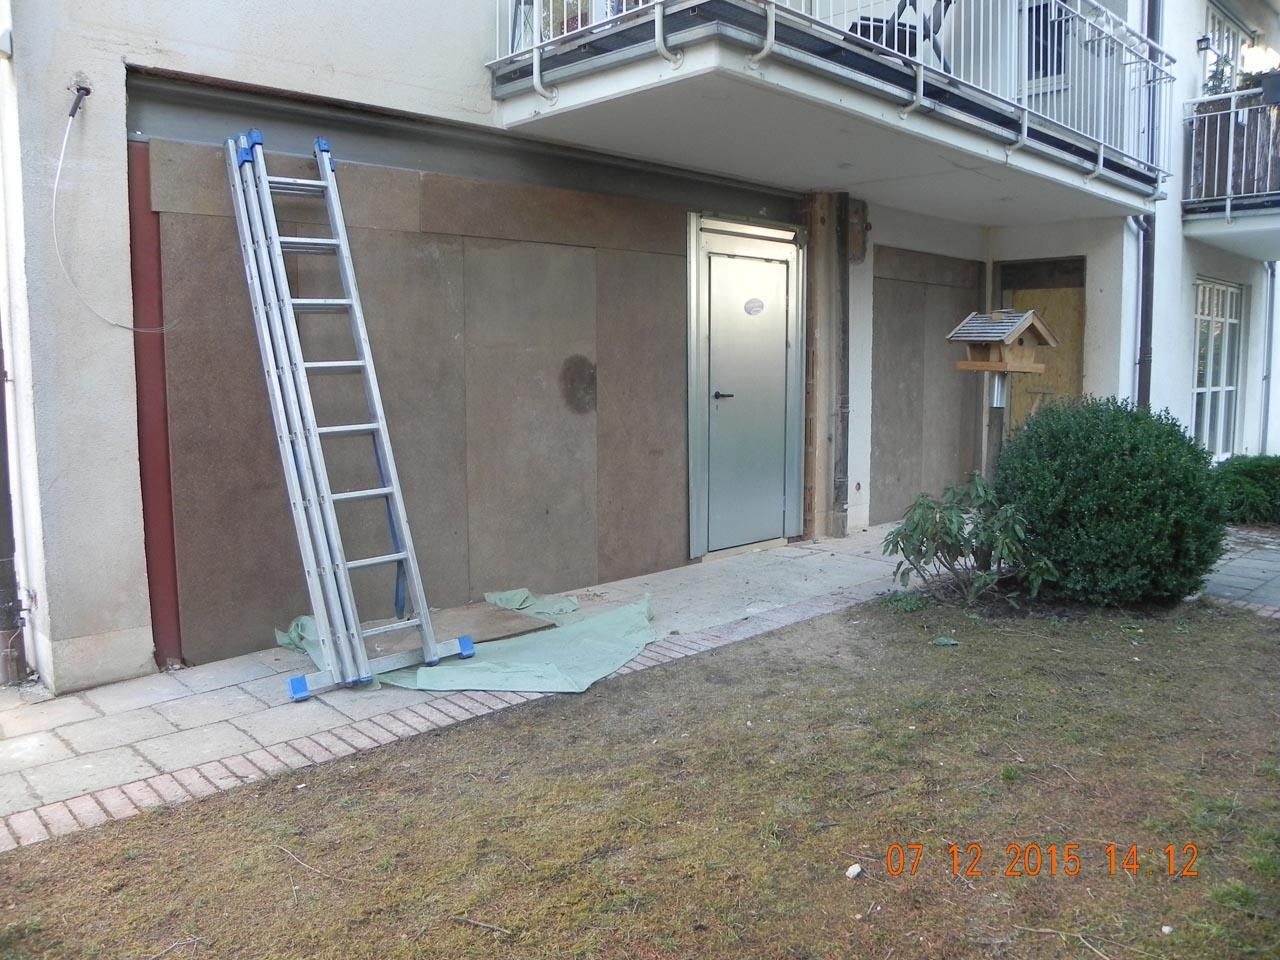 Wohnzimmer - Umbau 11